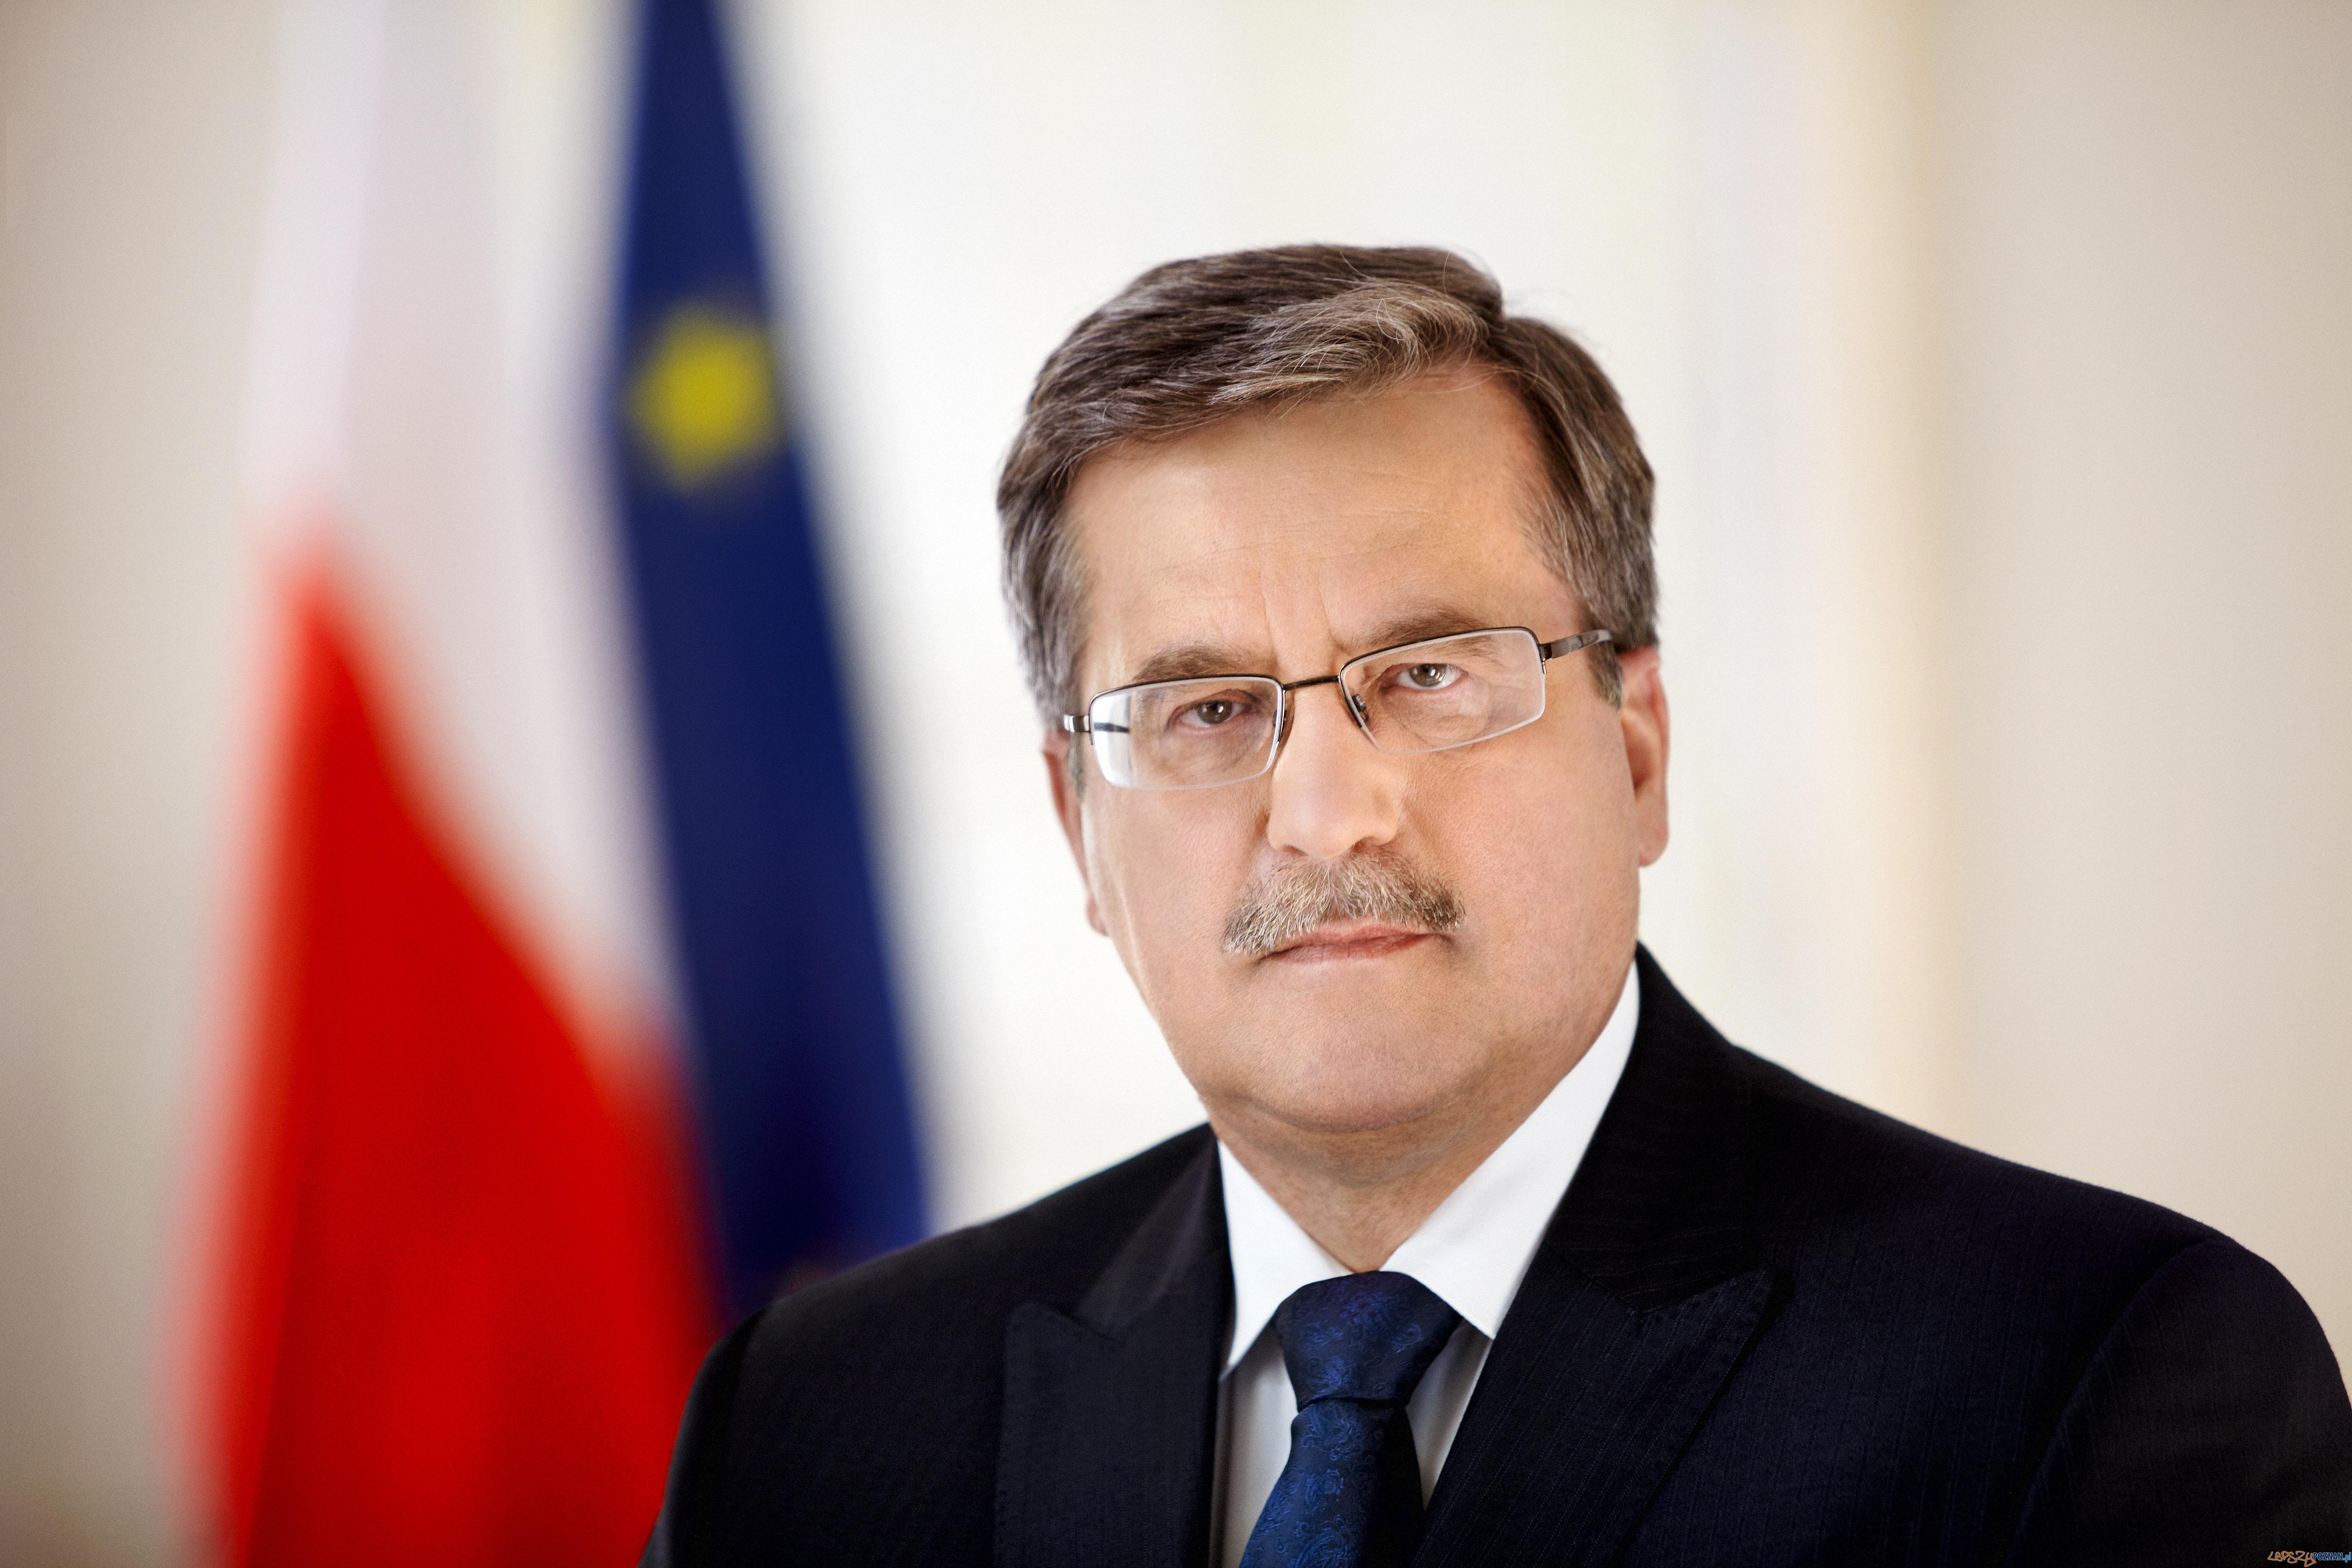 Prezydent Bronisław Komorowski  Foto: Prezydent Bronisław Komorowski